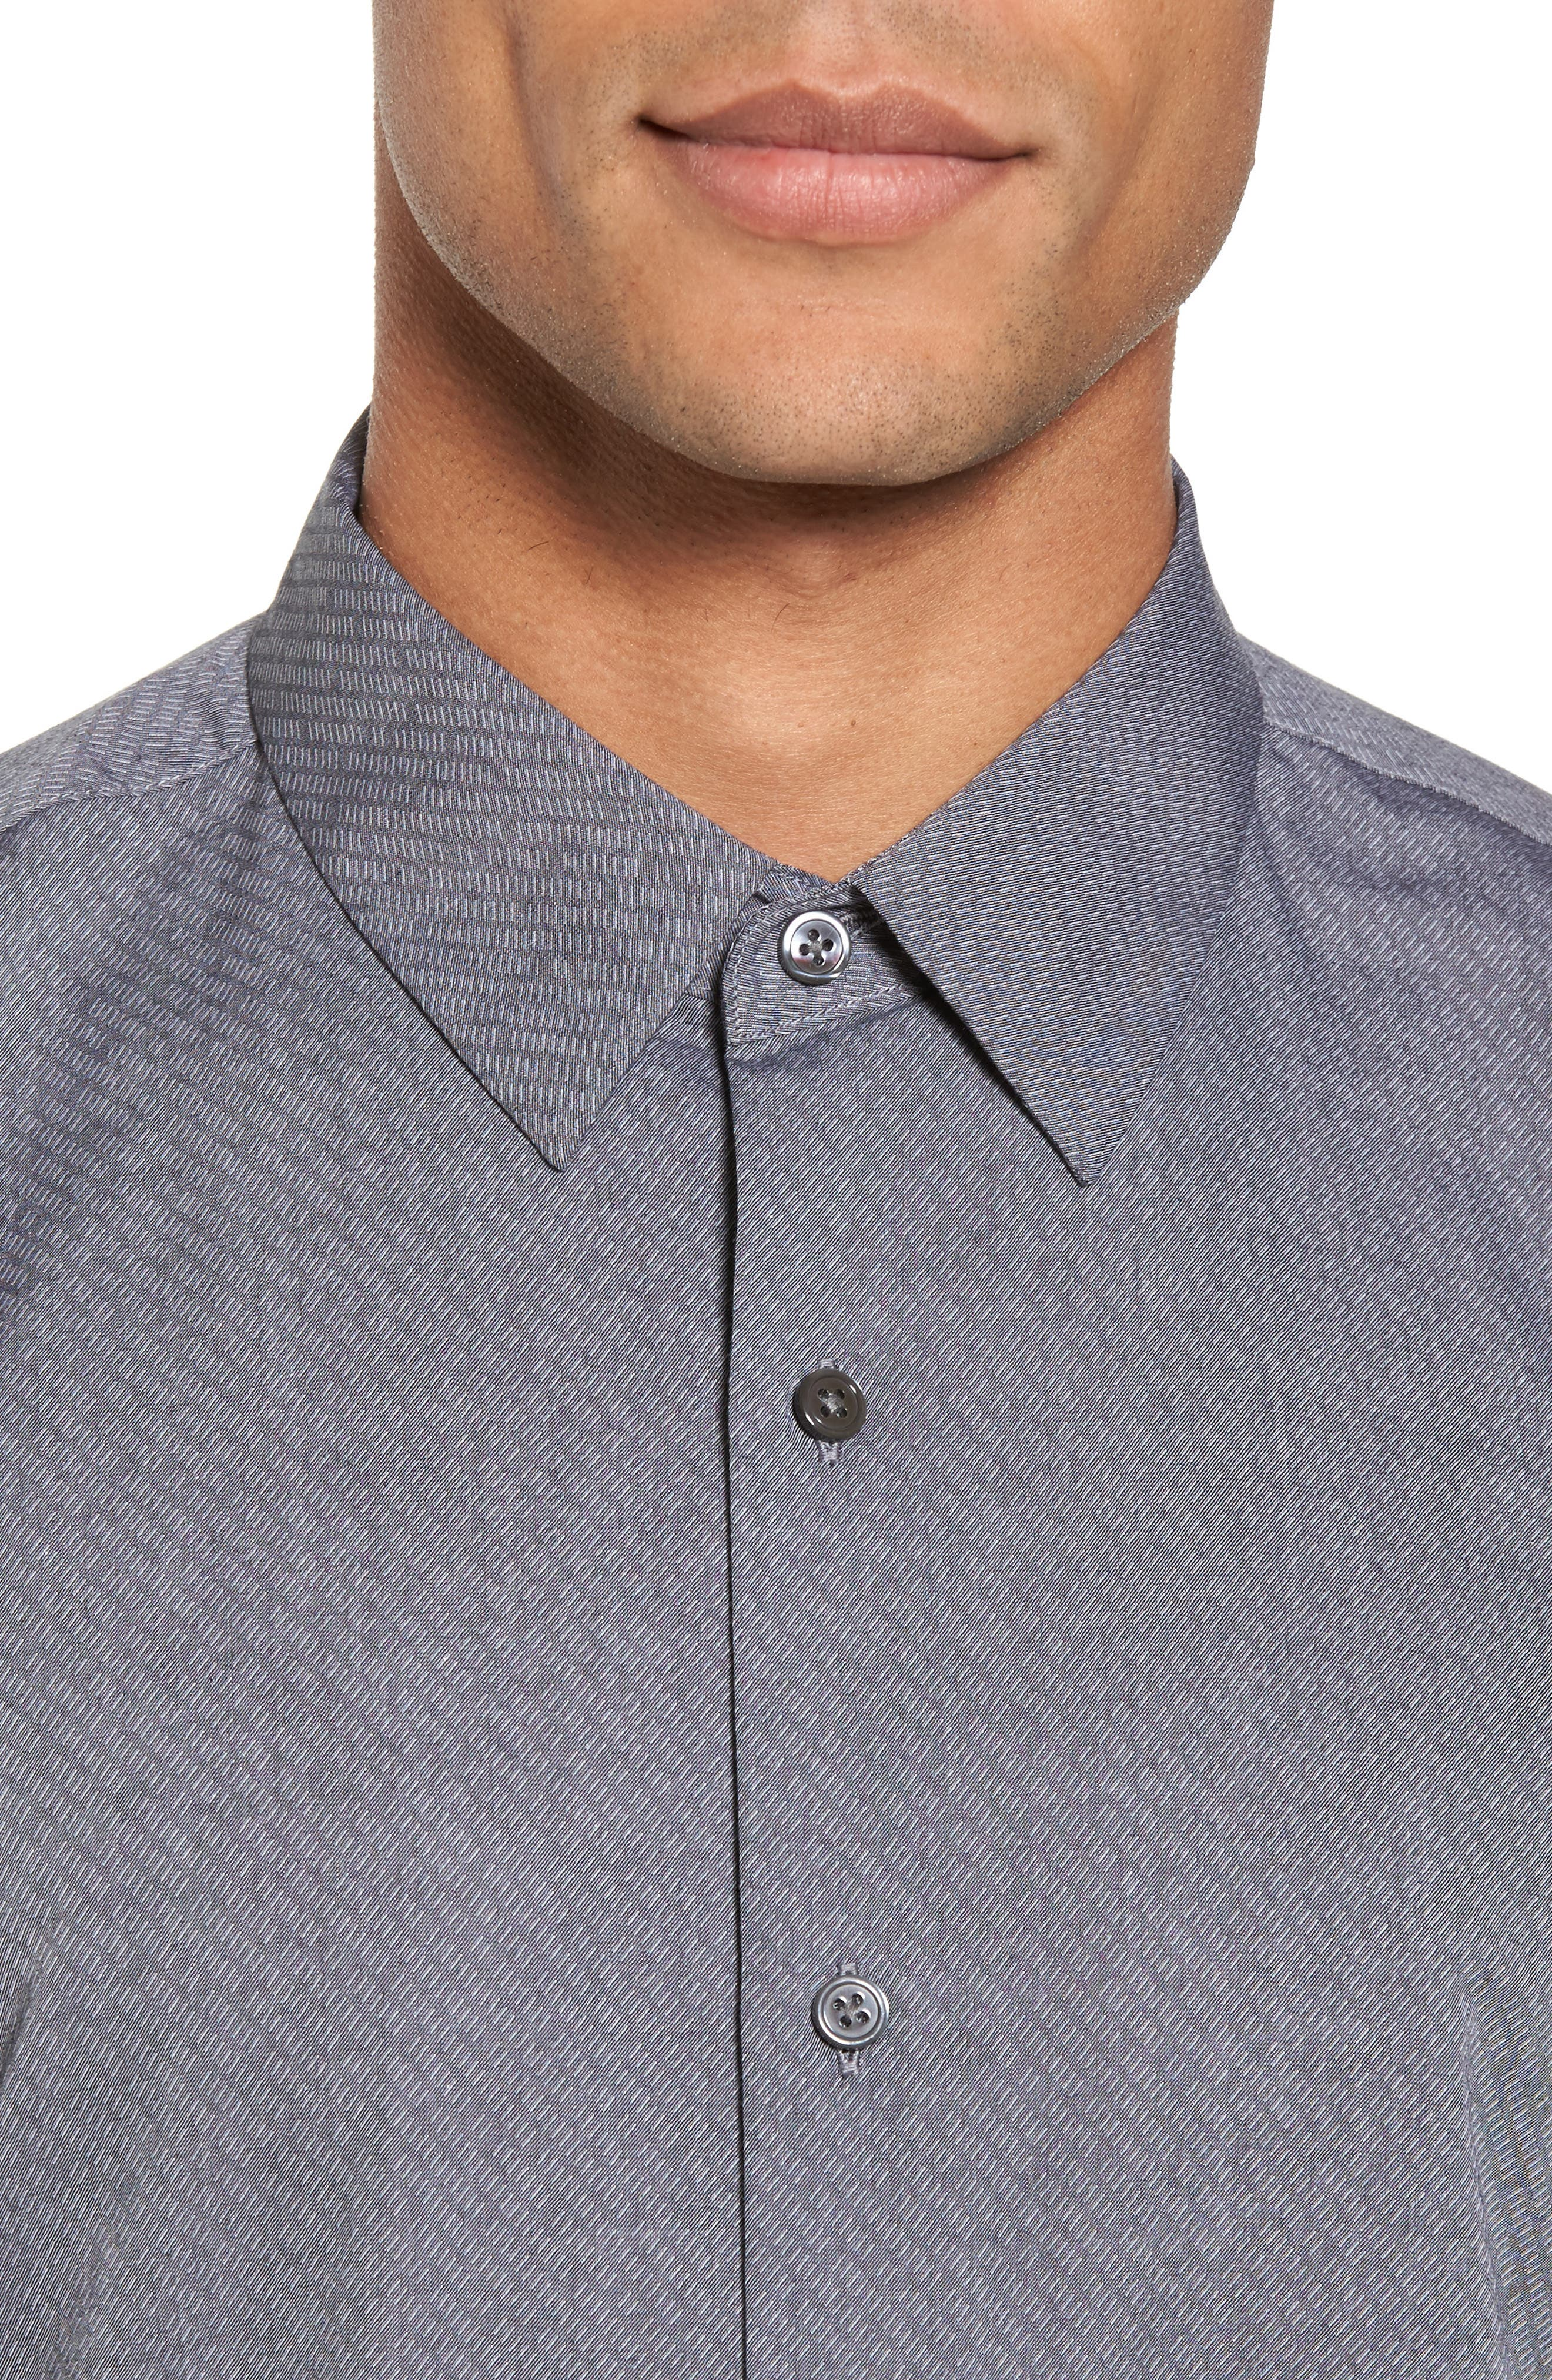 Storm Trim Fit Solid Sport Shirt,                             Alternate thumbnail 4, color,